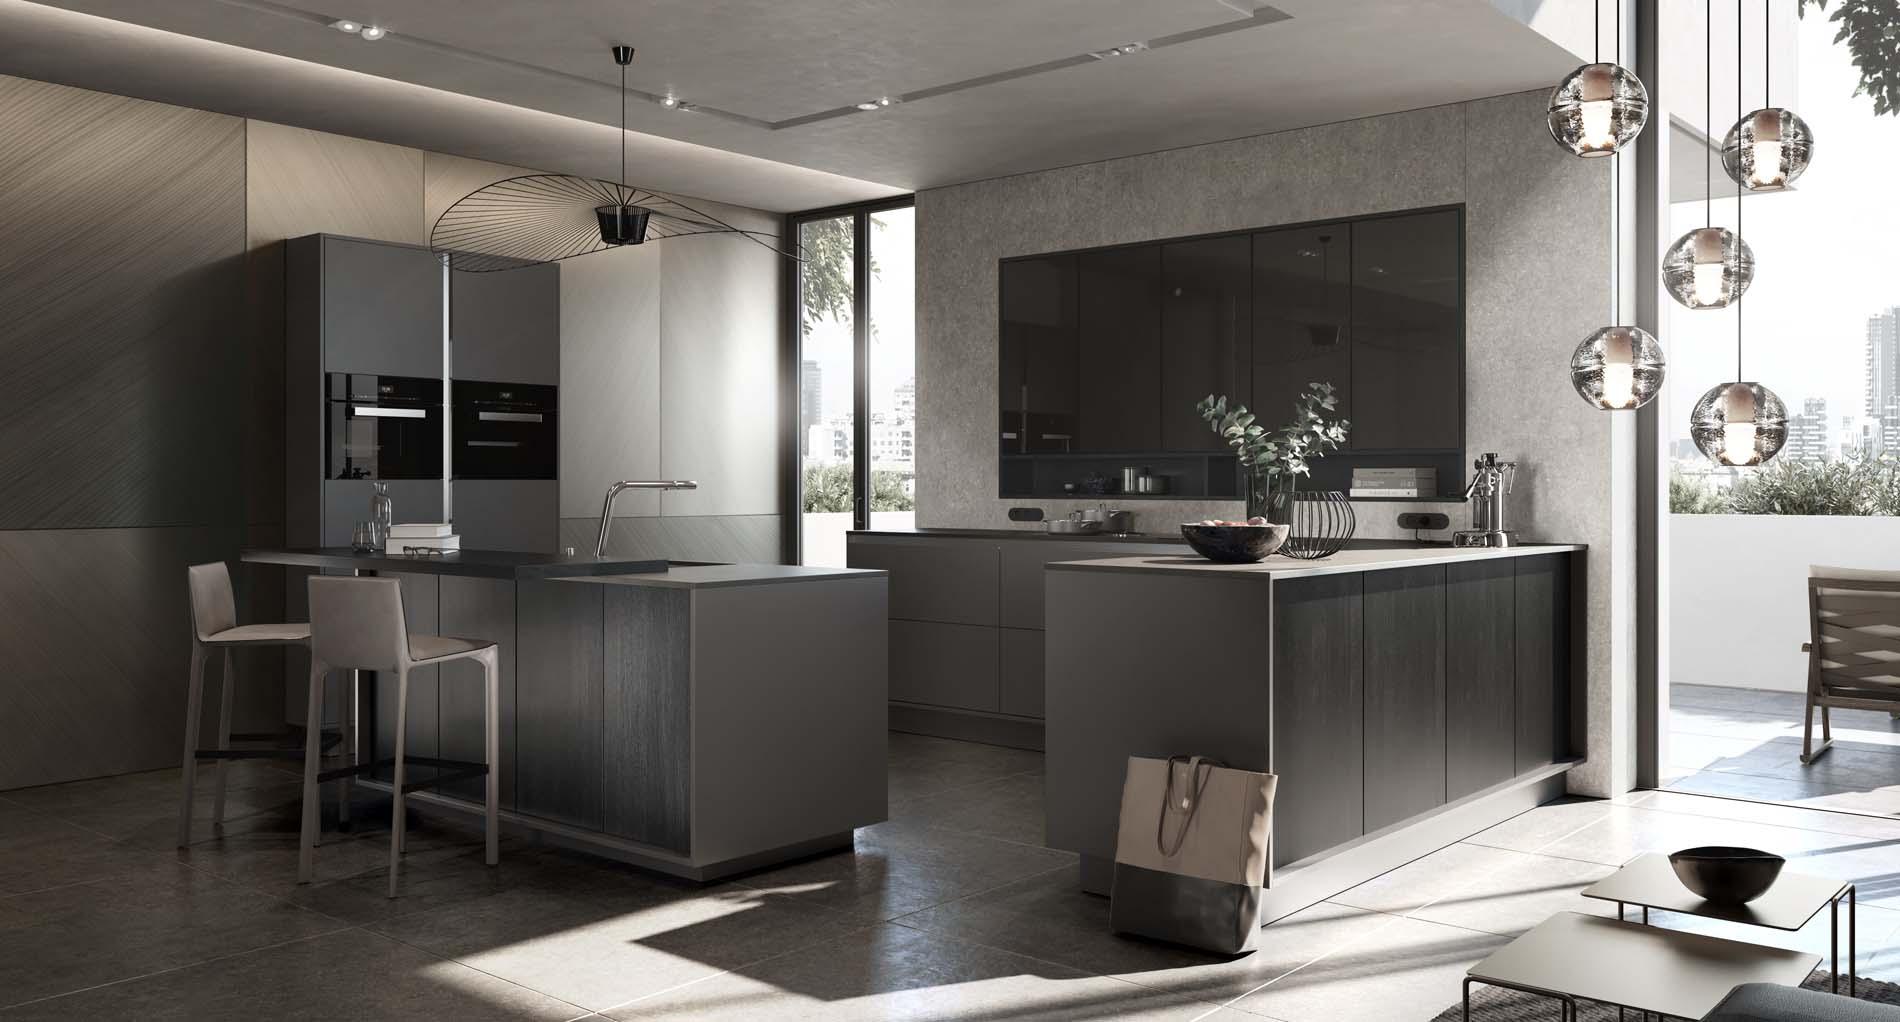 Aswa keukens in helmond uw keuken.nl